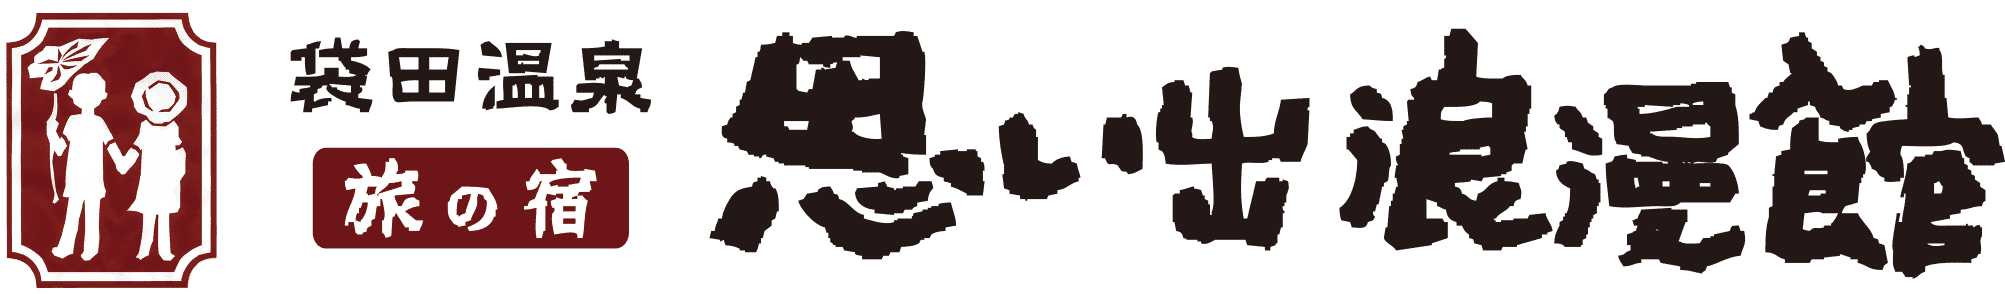 袋田温泉 旅の宿 思い出浪漫館